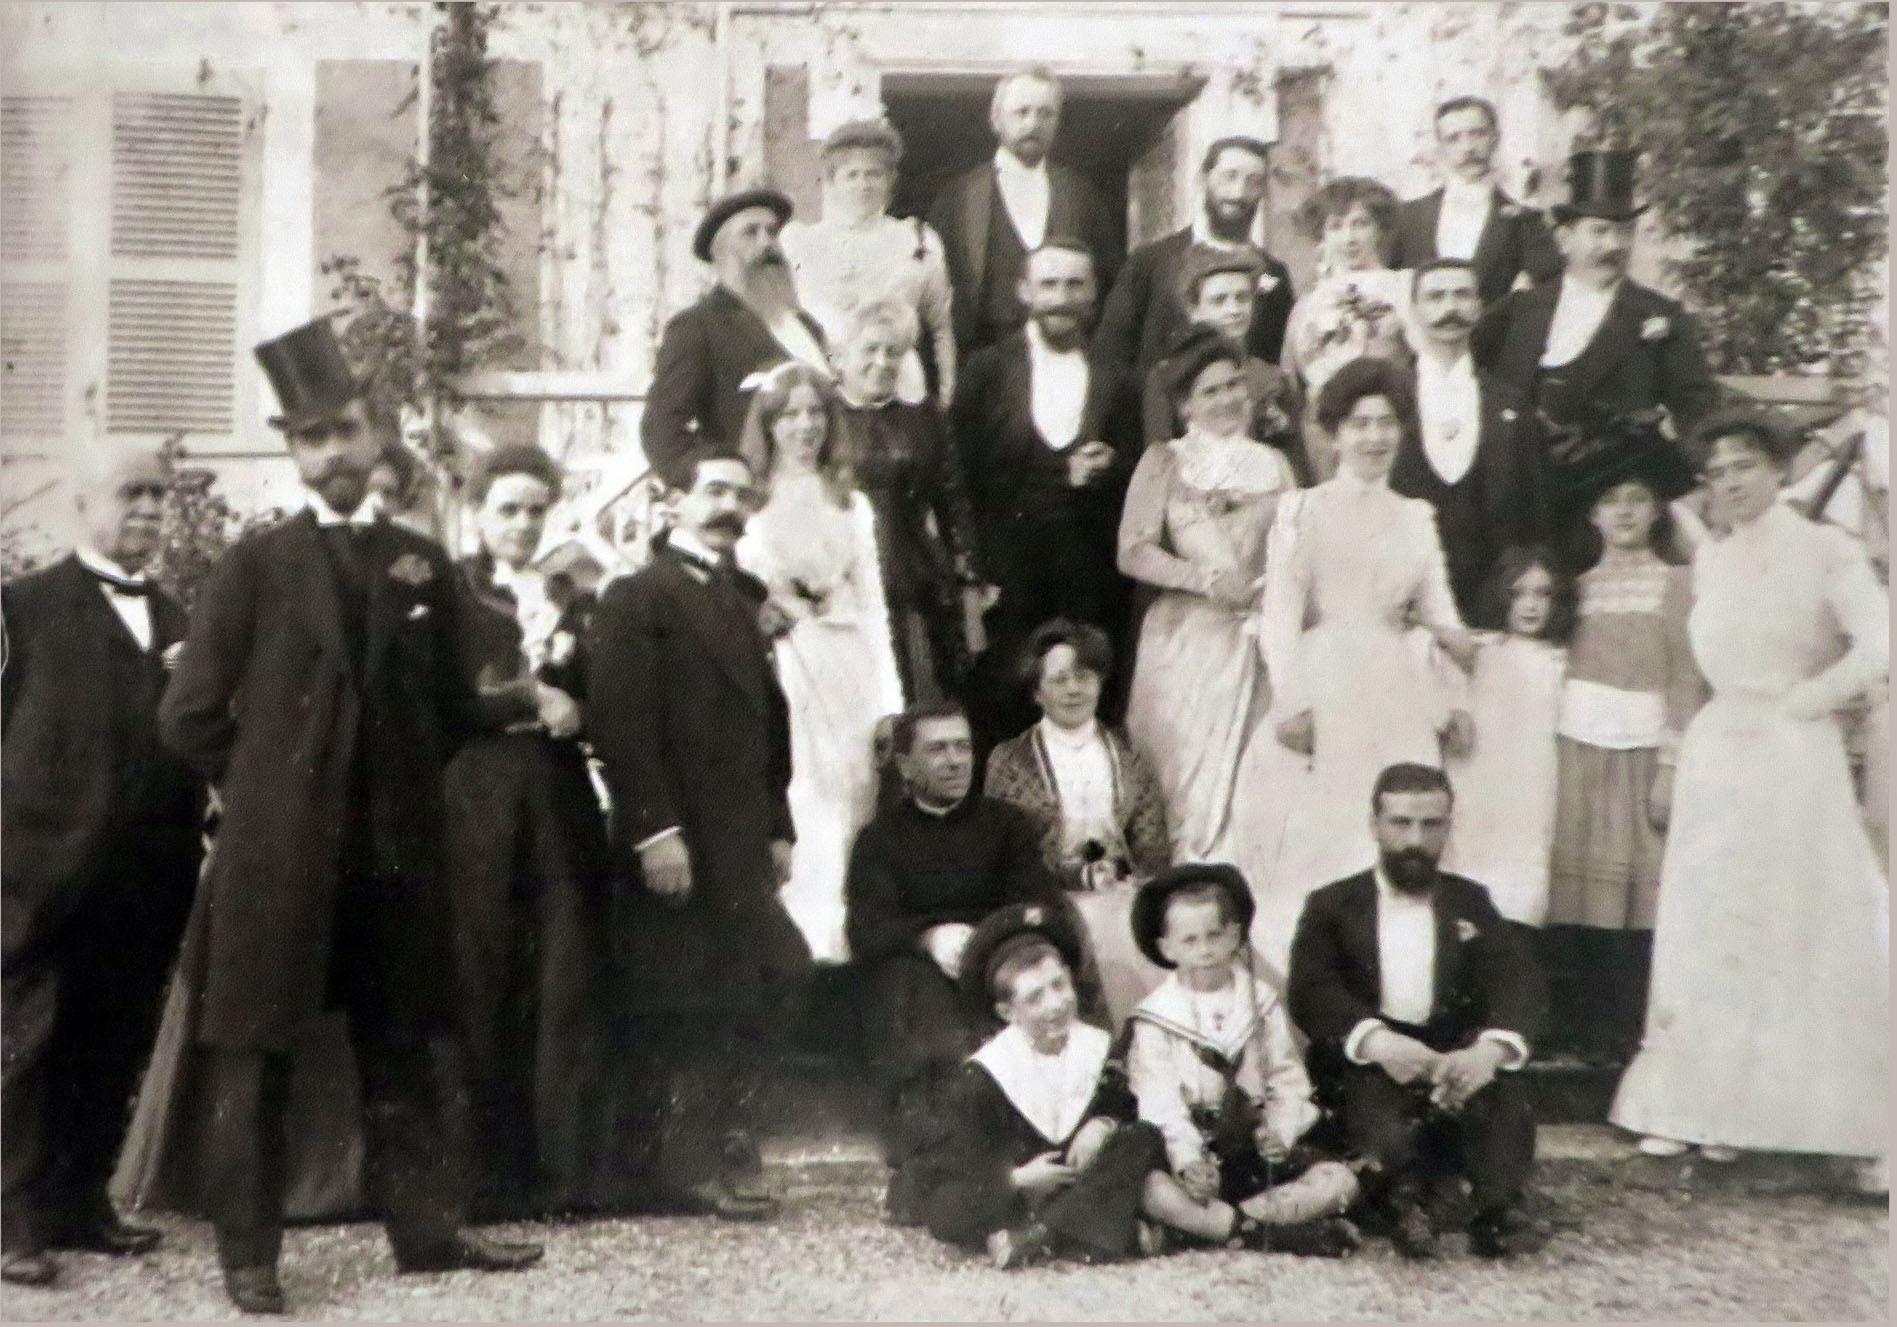 Giverny, 31. Oktober 1900: Die Familie Monet-Hoschedé feiert die Hochzeit zwischen Marthe Hoschedé und Théodore Butler. Claude Monet steht links auf der Treppe   Foto via Flickr